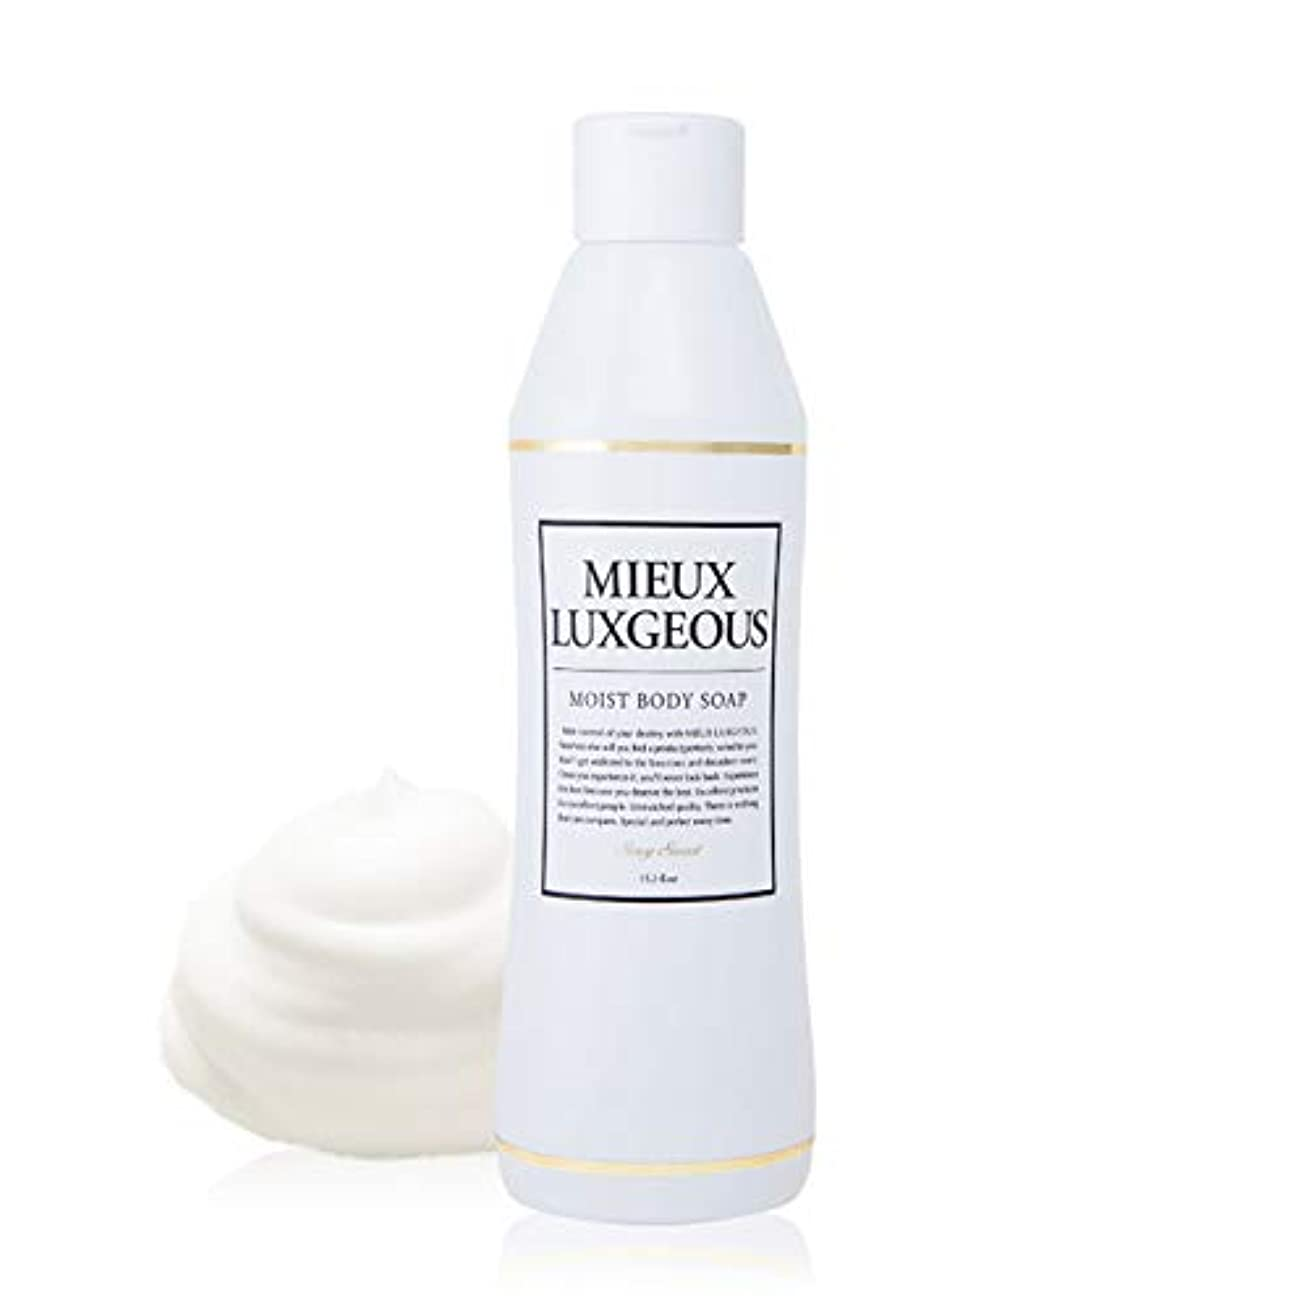 一貫性のない不公平バンジージャンプミューラグジャス モイストボディソープ MOIST BODY SOAP - Sexy Sweetの香り